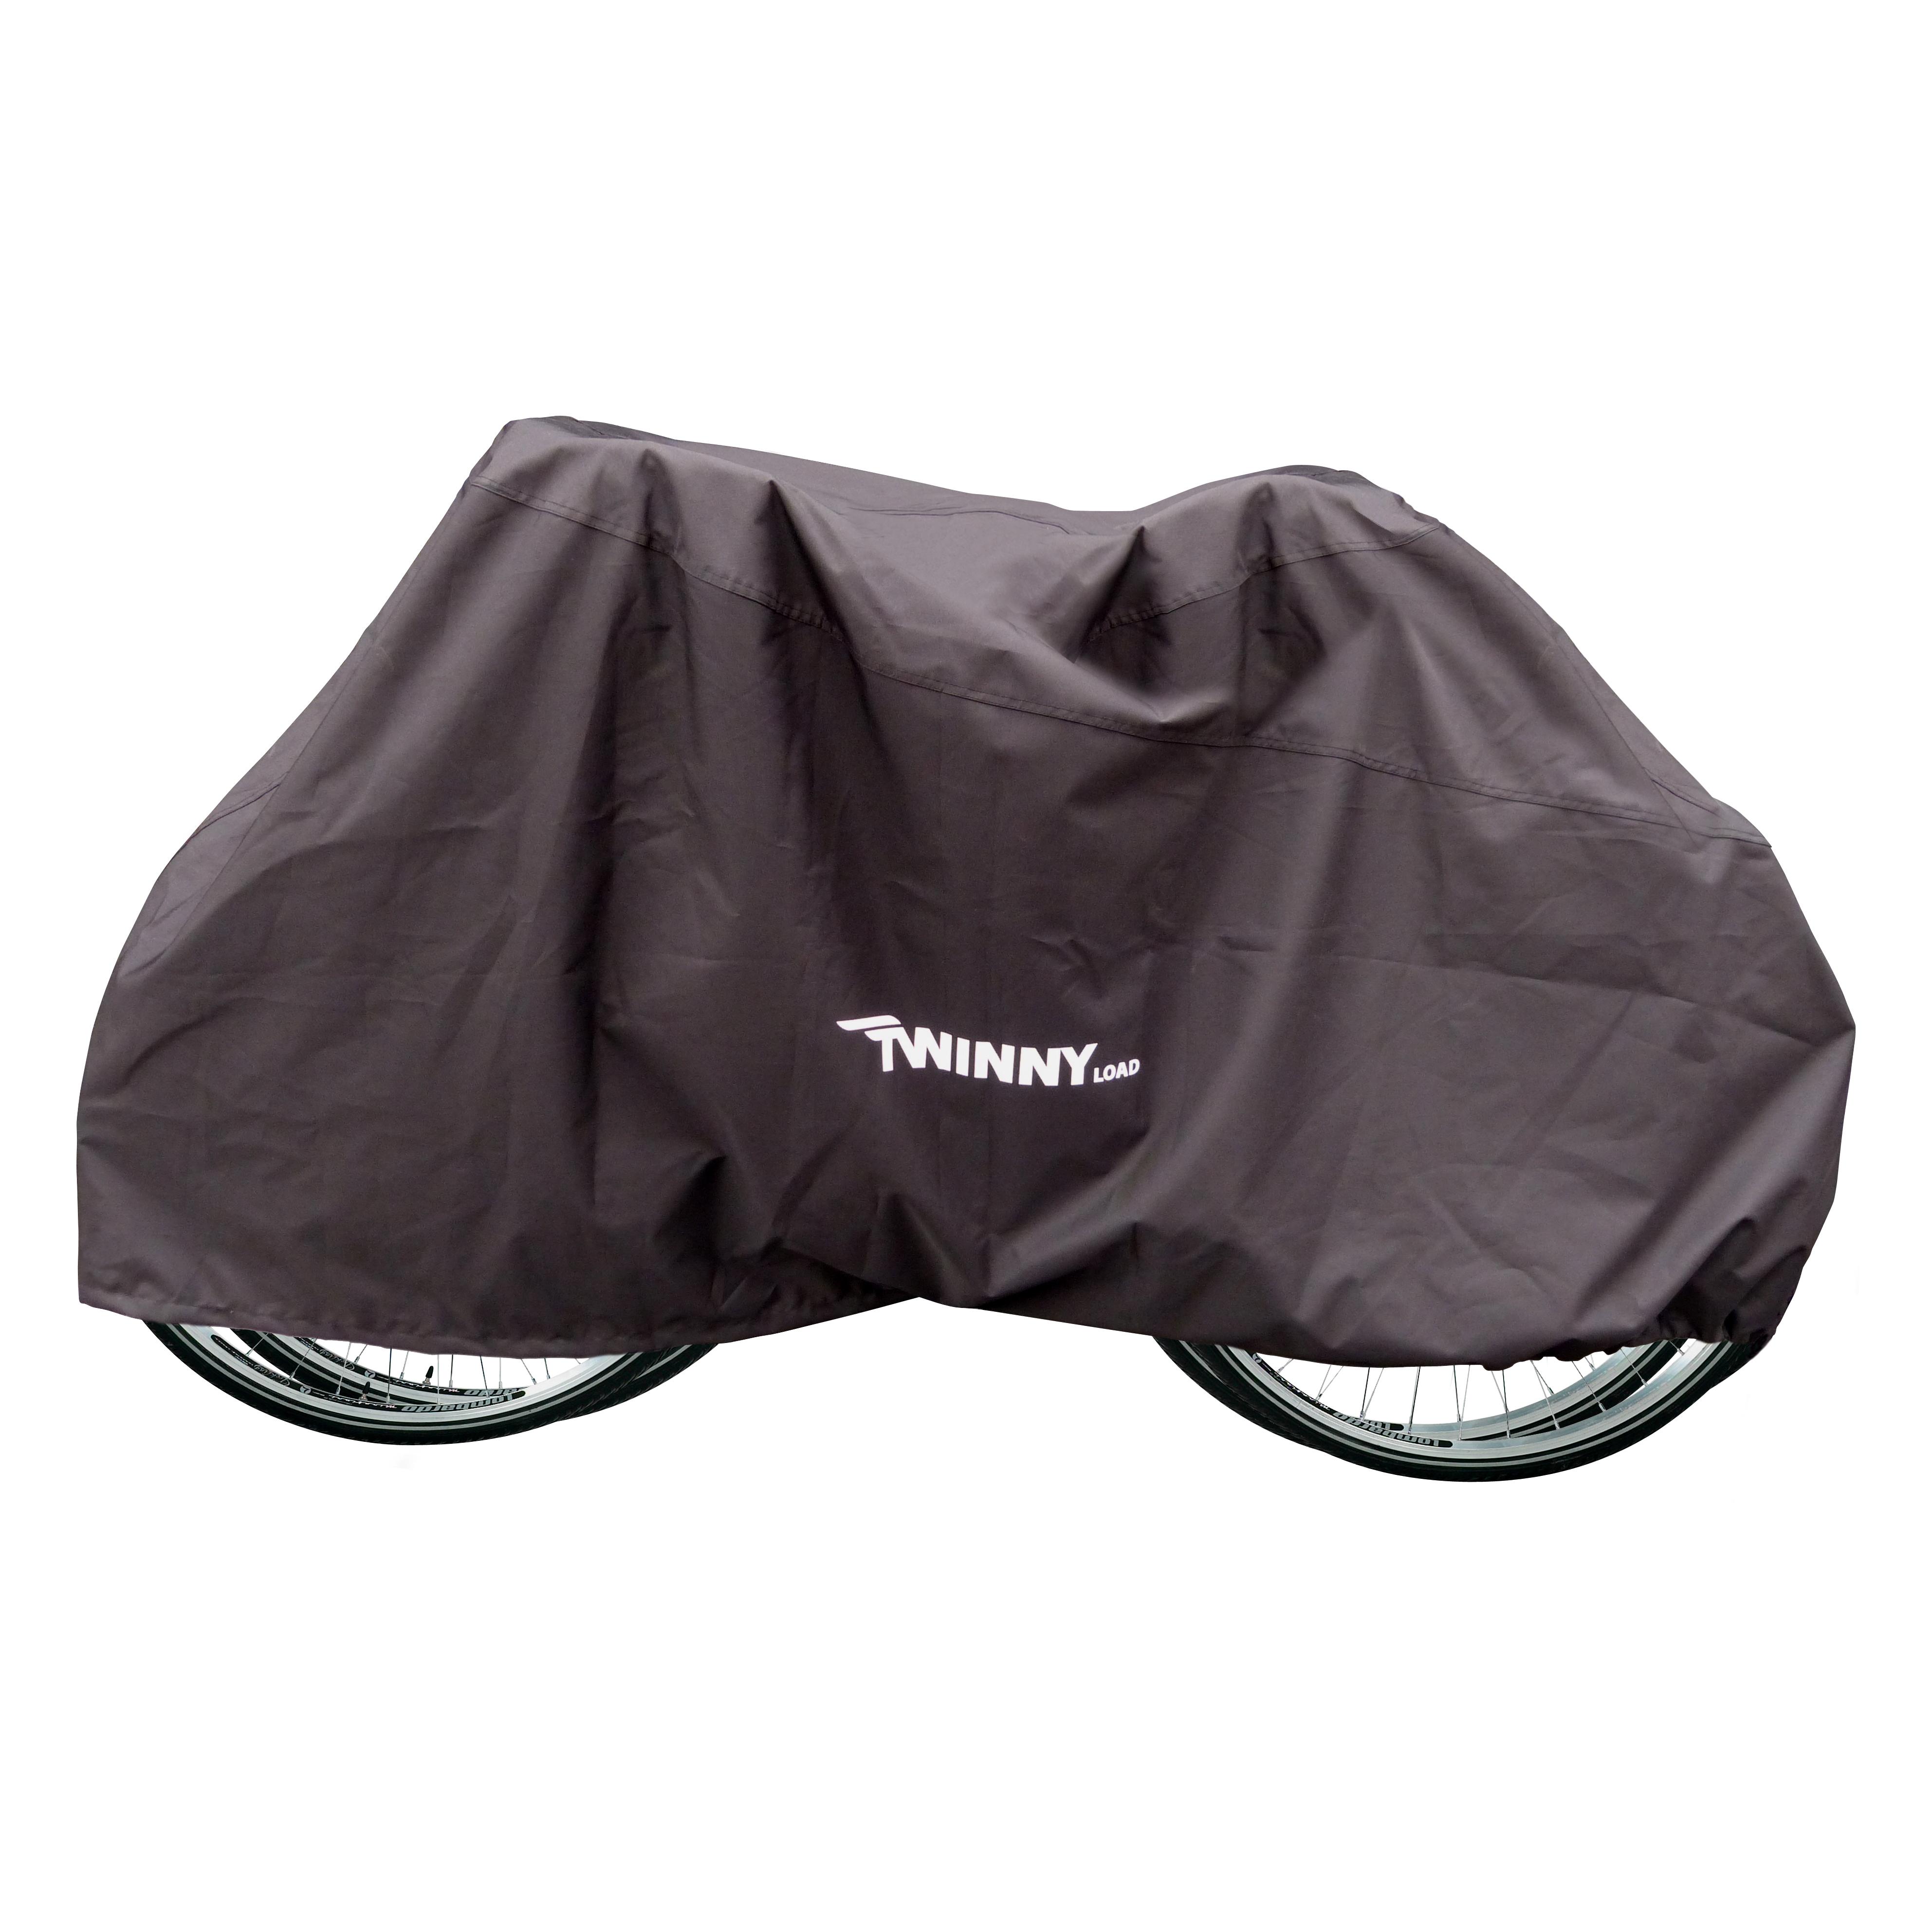 Twinny Load 627998051 Fietshoes 2 fietsen